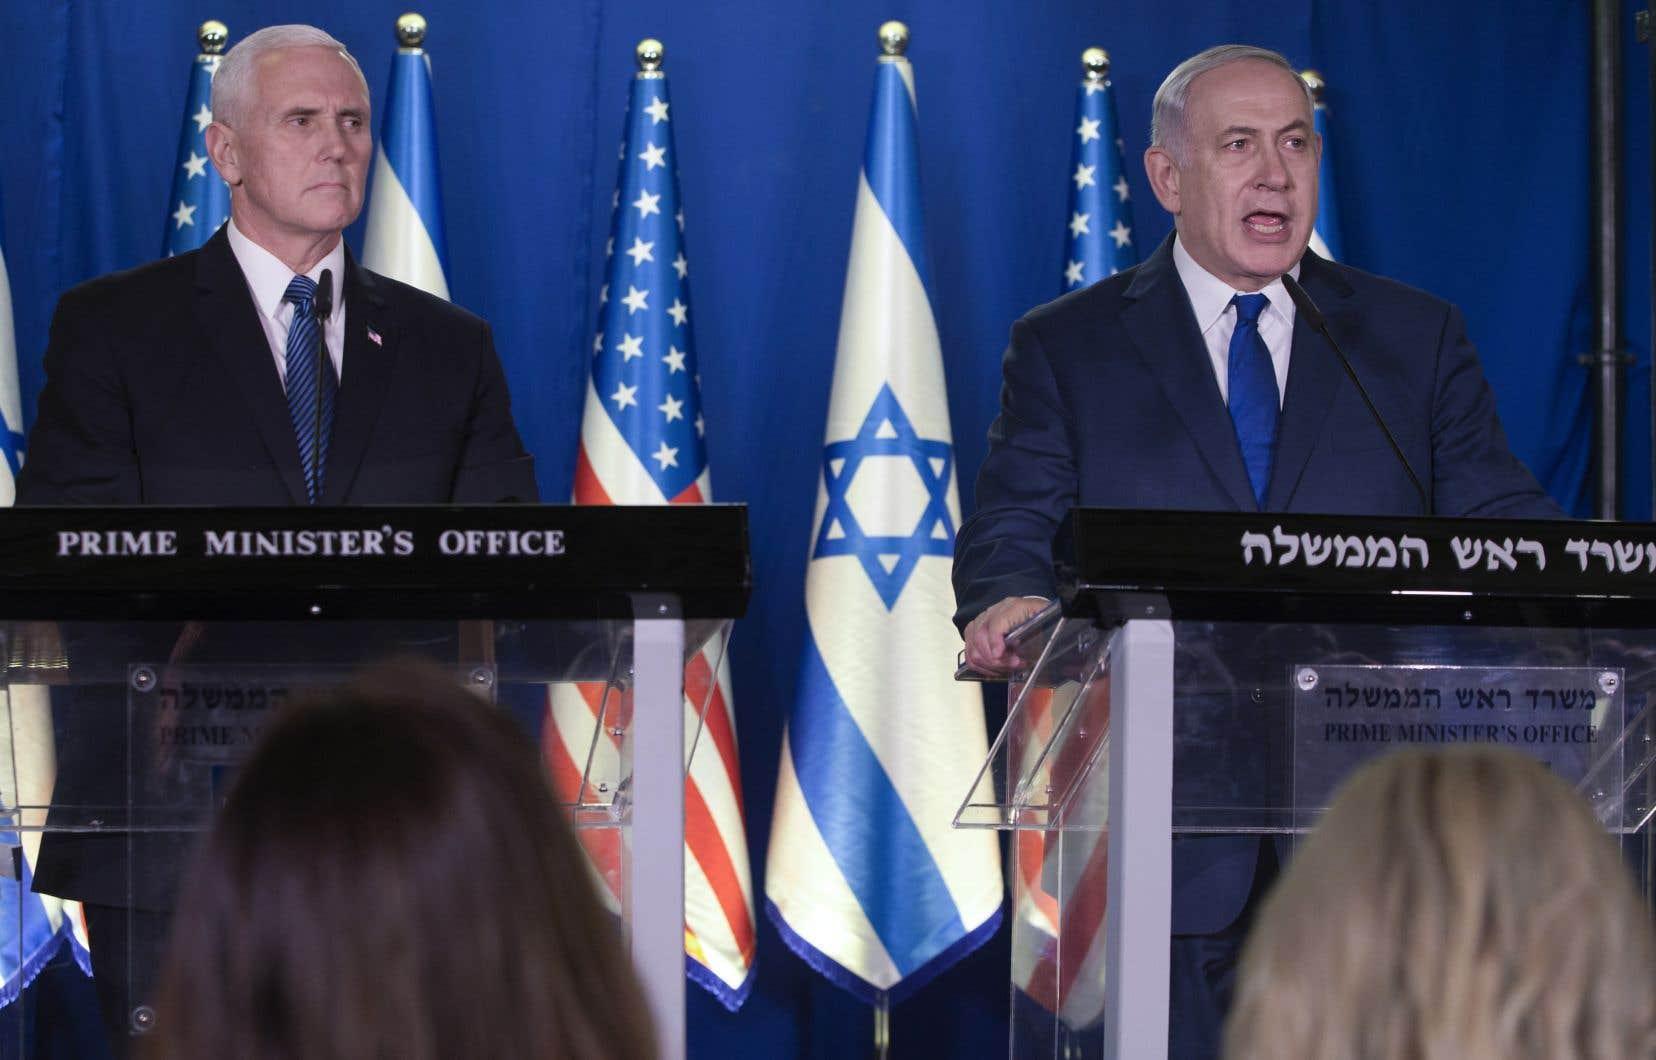 Le vice-président américain Mike Pence en conférence de presse aux côtés du premier ministre israélien Benjamin Néthanyahou, lors de visite à Jérusalem en janvier dernier